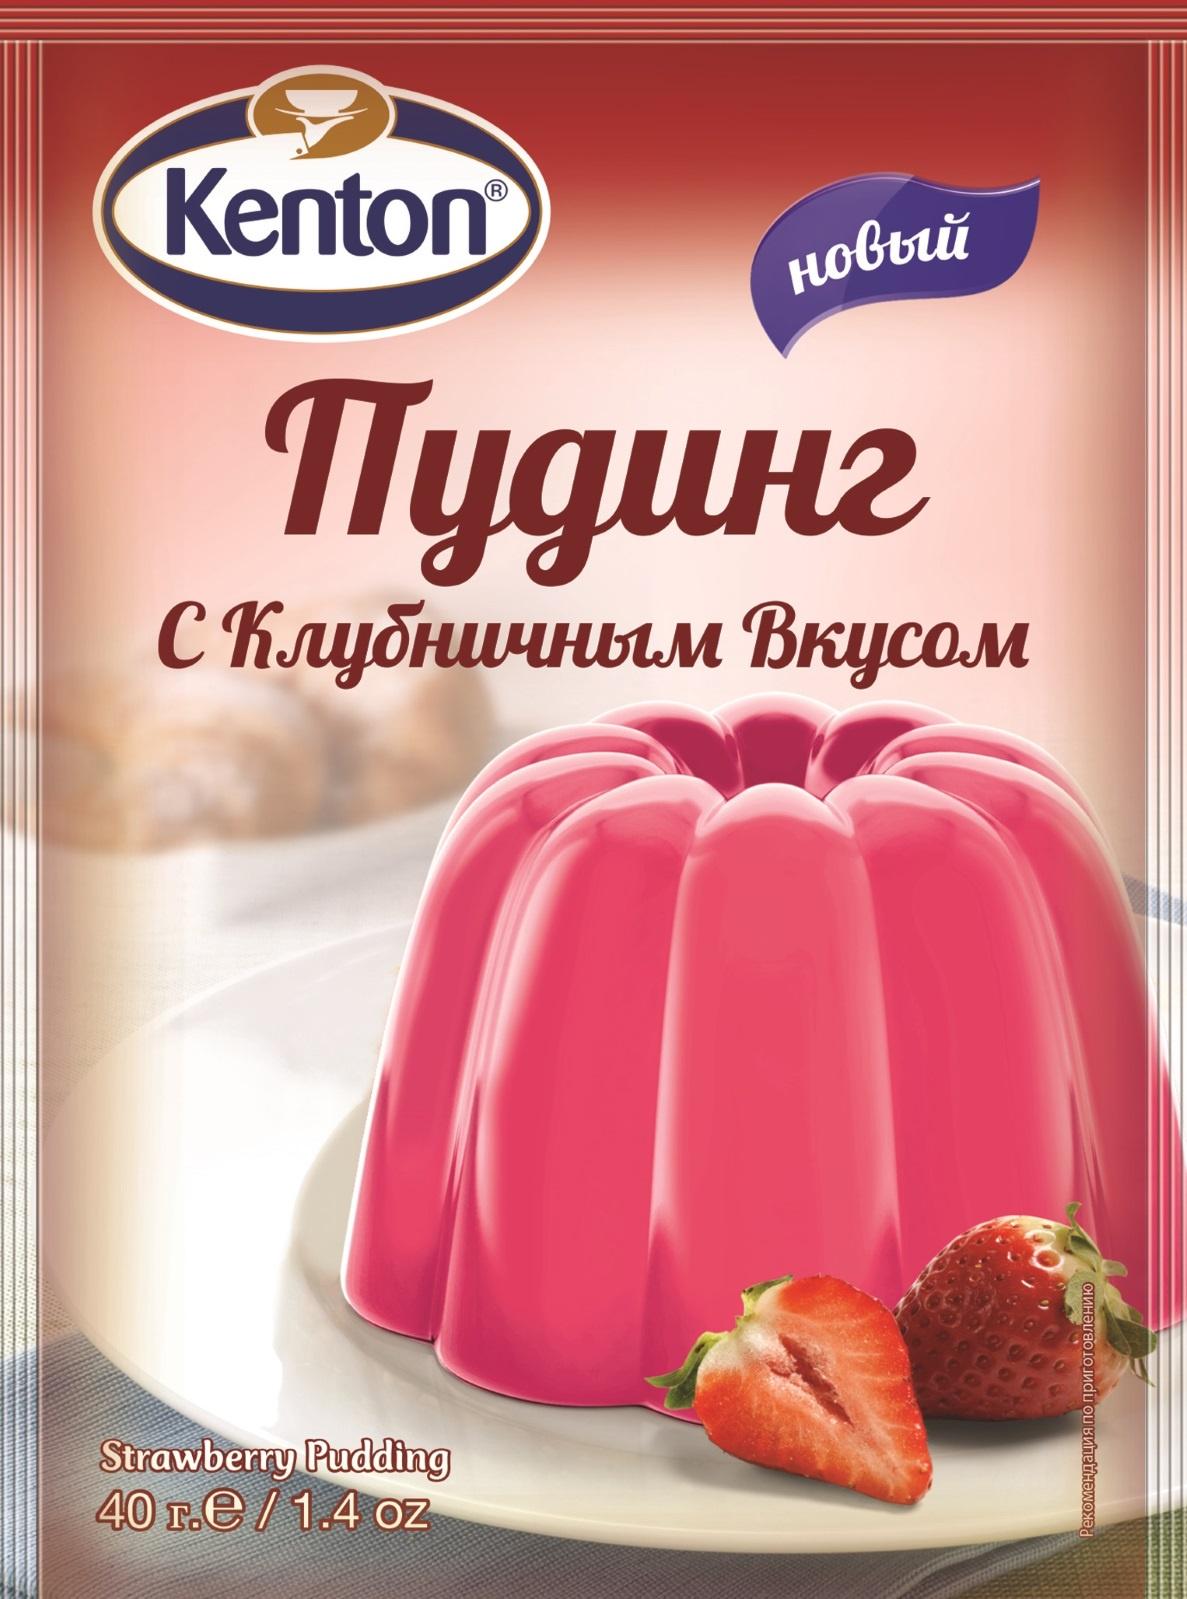 Смесь для выпечки KENTON пудинг с клубничным вкусом, 40 смесь для выпечки почти печенье матча шоколад кокос 370 г